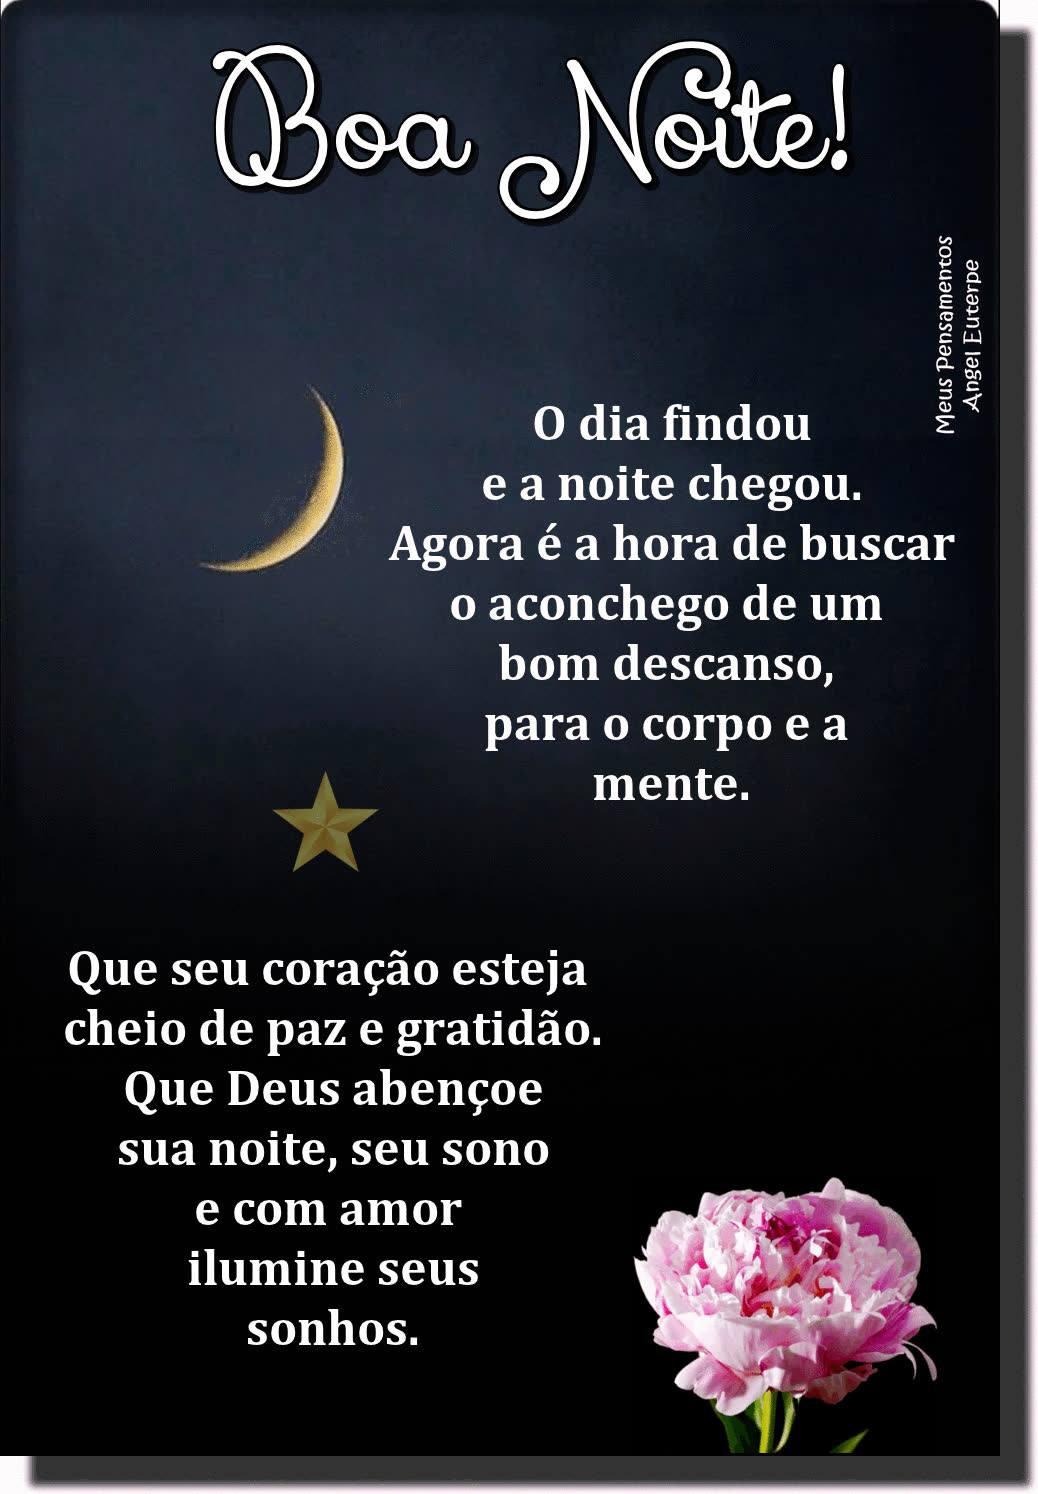 mensagem de boa noite simples e curta para facebook